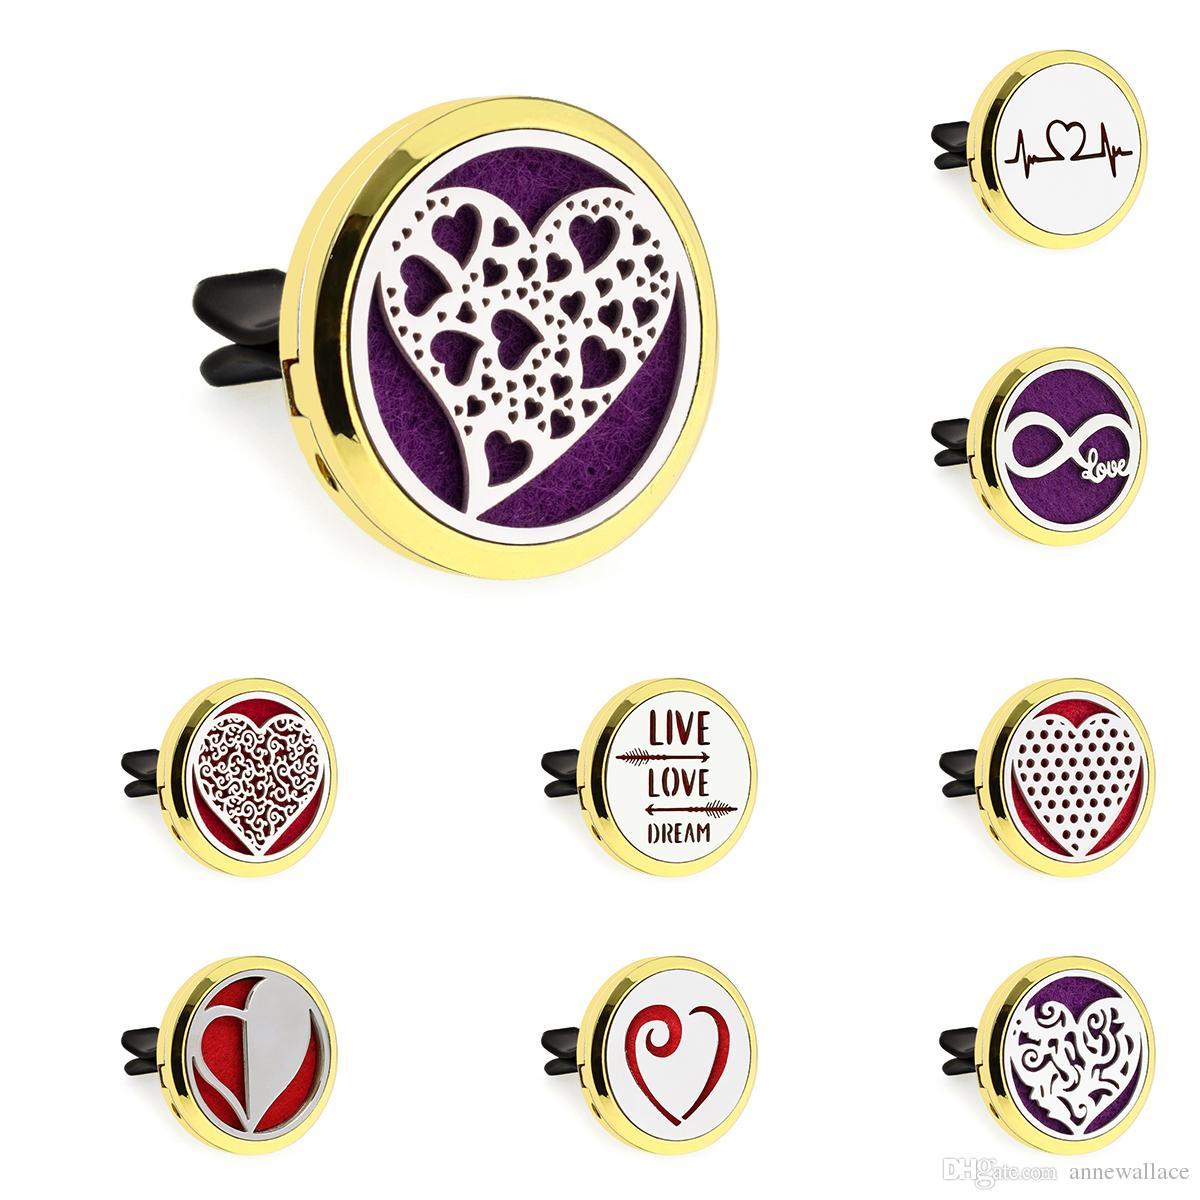 30mm oro Magnete a forma di cuore Diffusore Olio Essenziale per Auto Profumo Locket Vent Clip Car deodorante 10 pz pad gratuiti